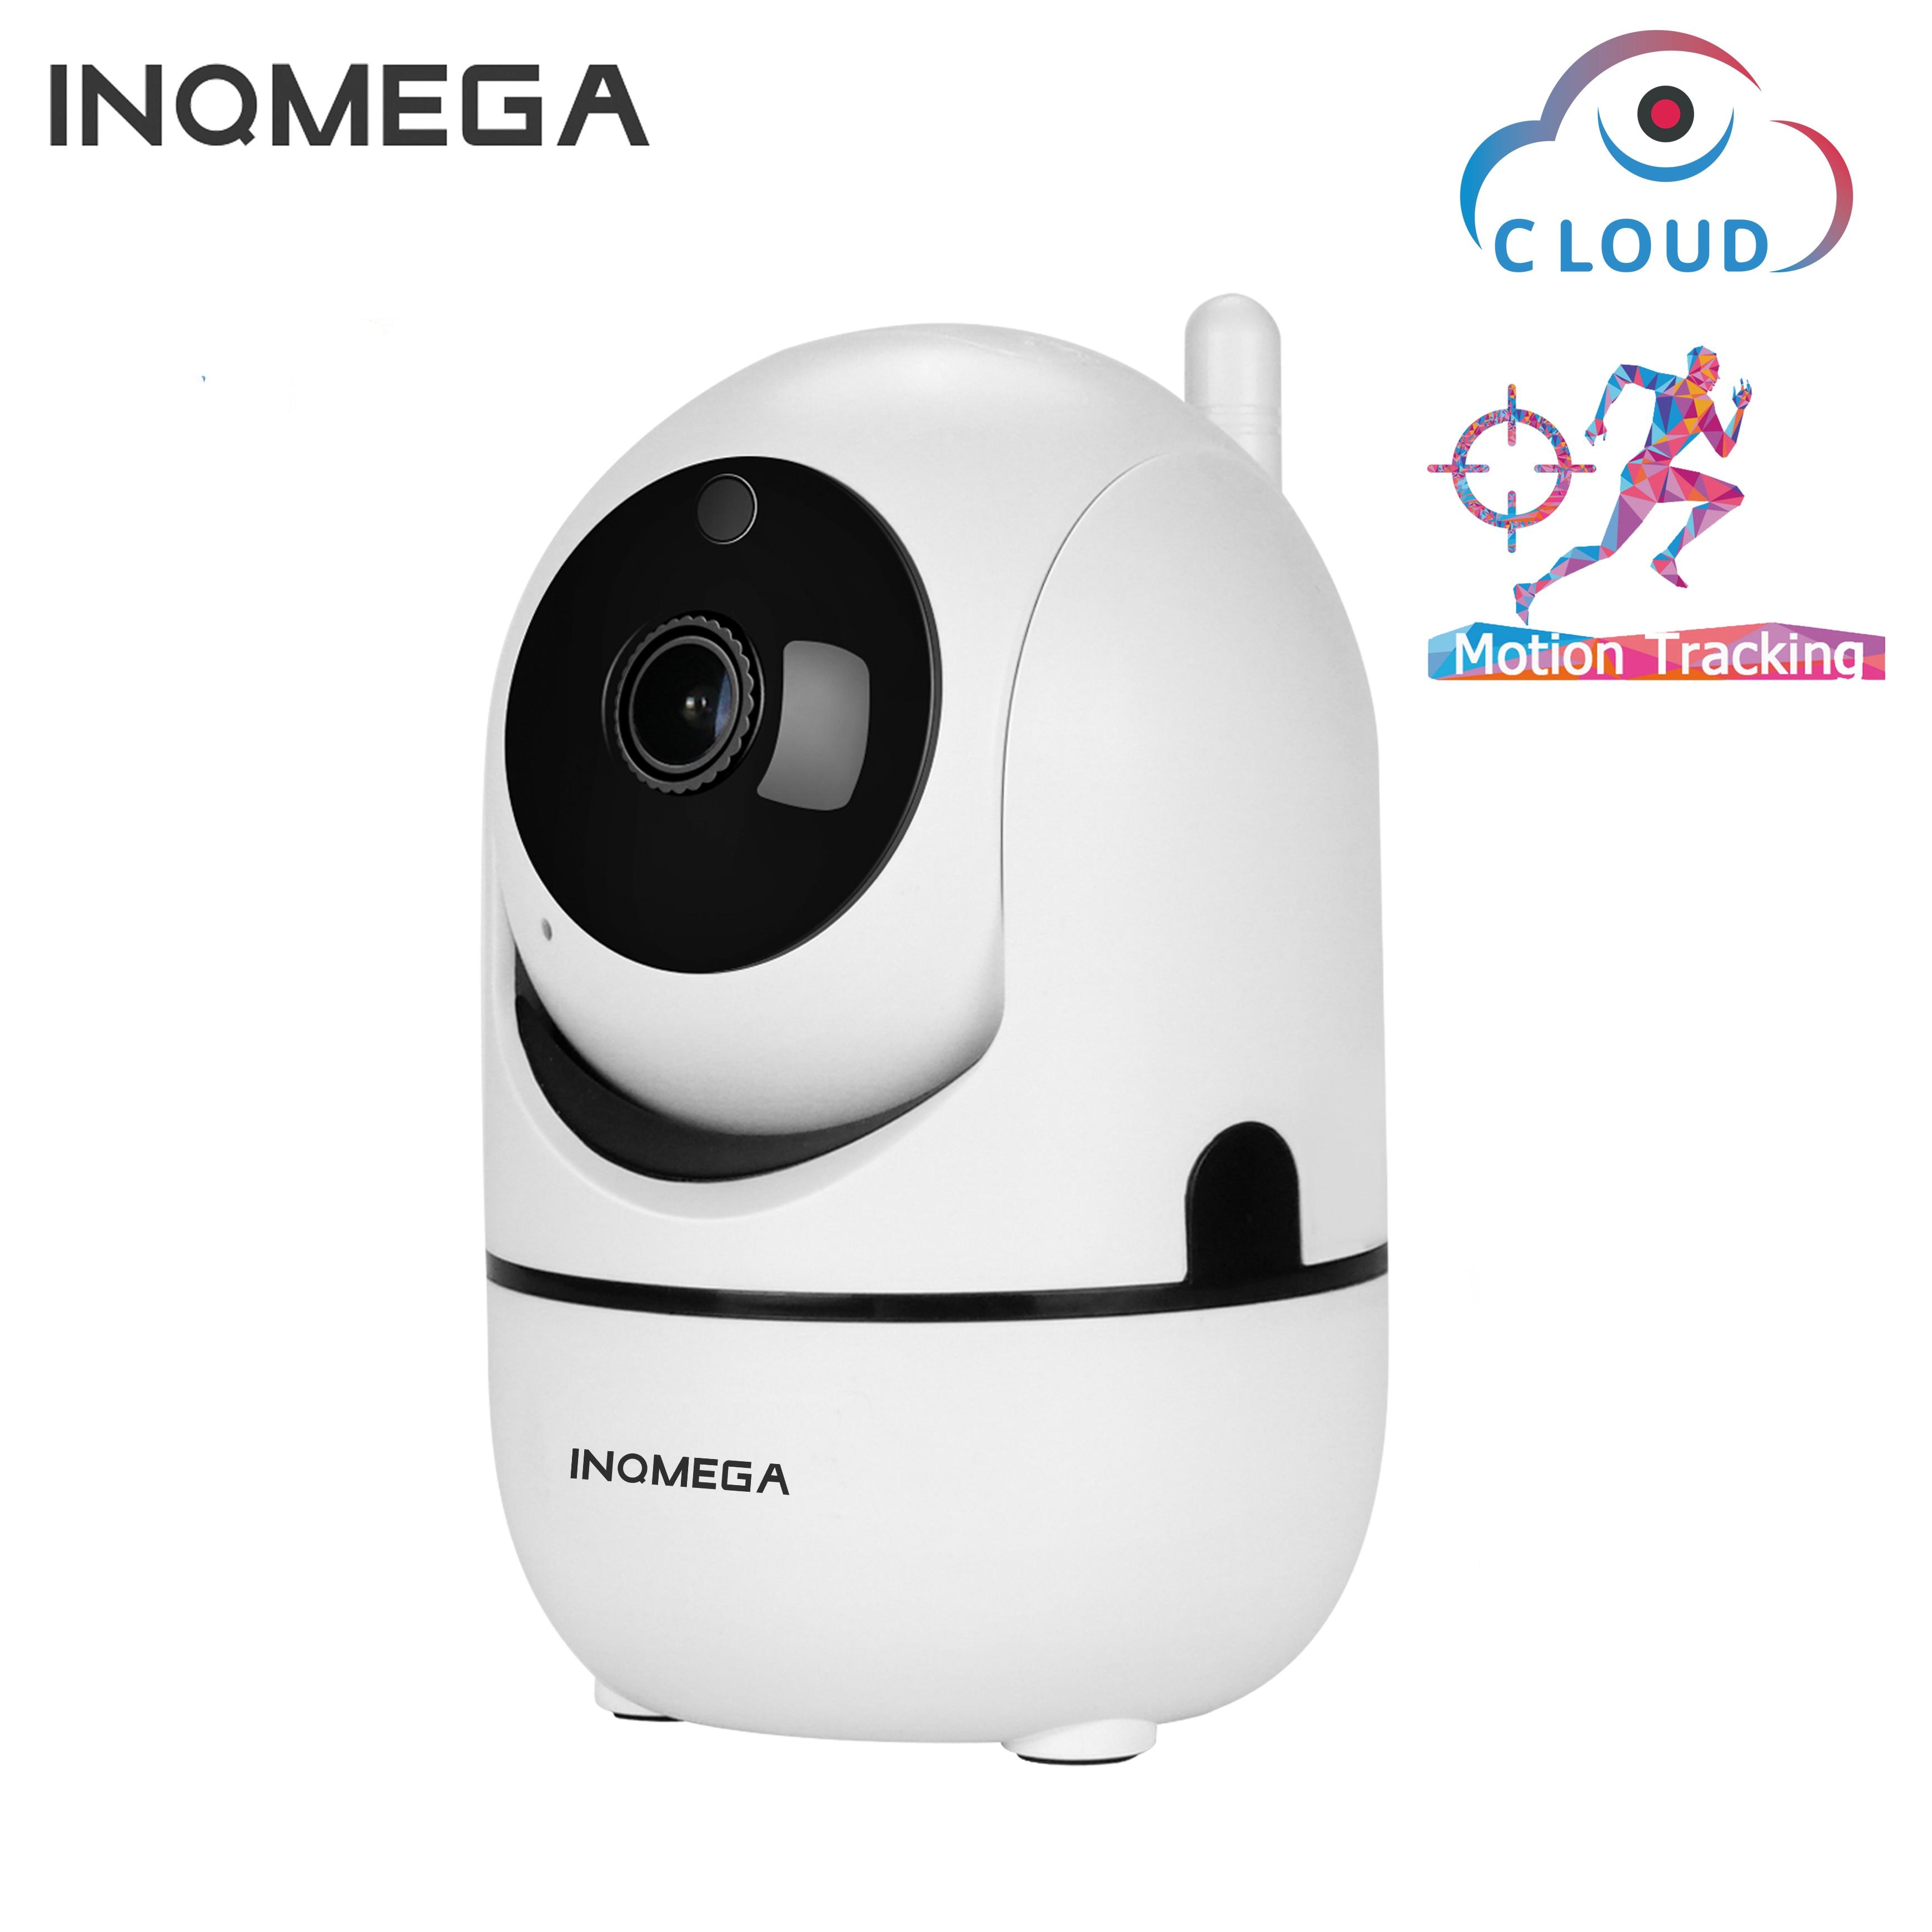 Inqmega 1080p nuvem câmera ip sem fio inteligente rastreamento automático de segurança em casa humana cctv rede mini wifi cam